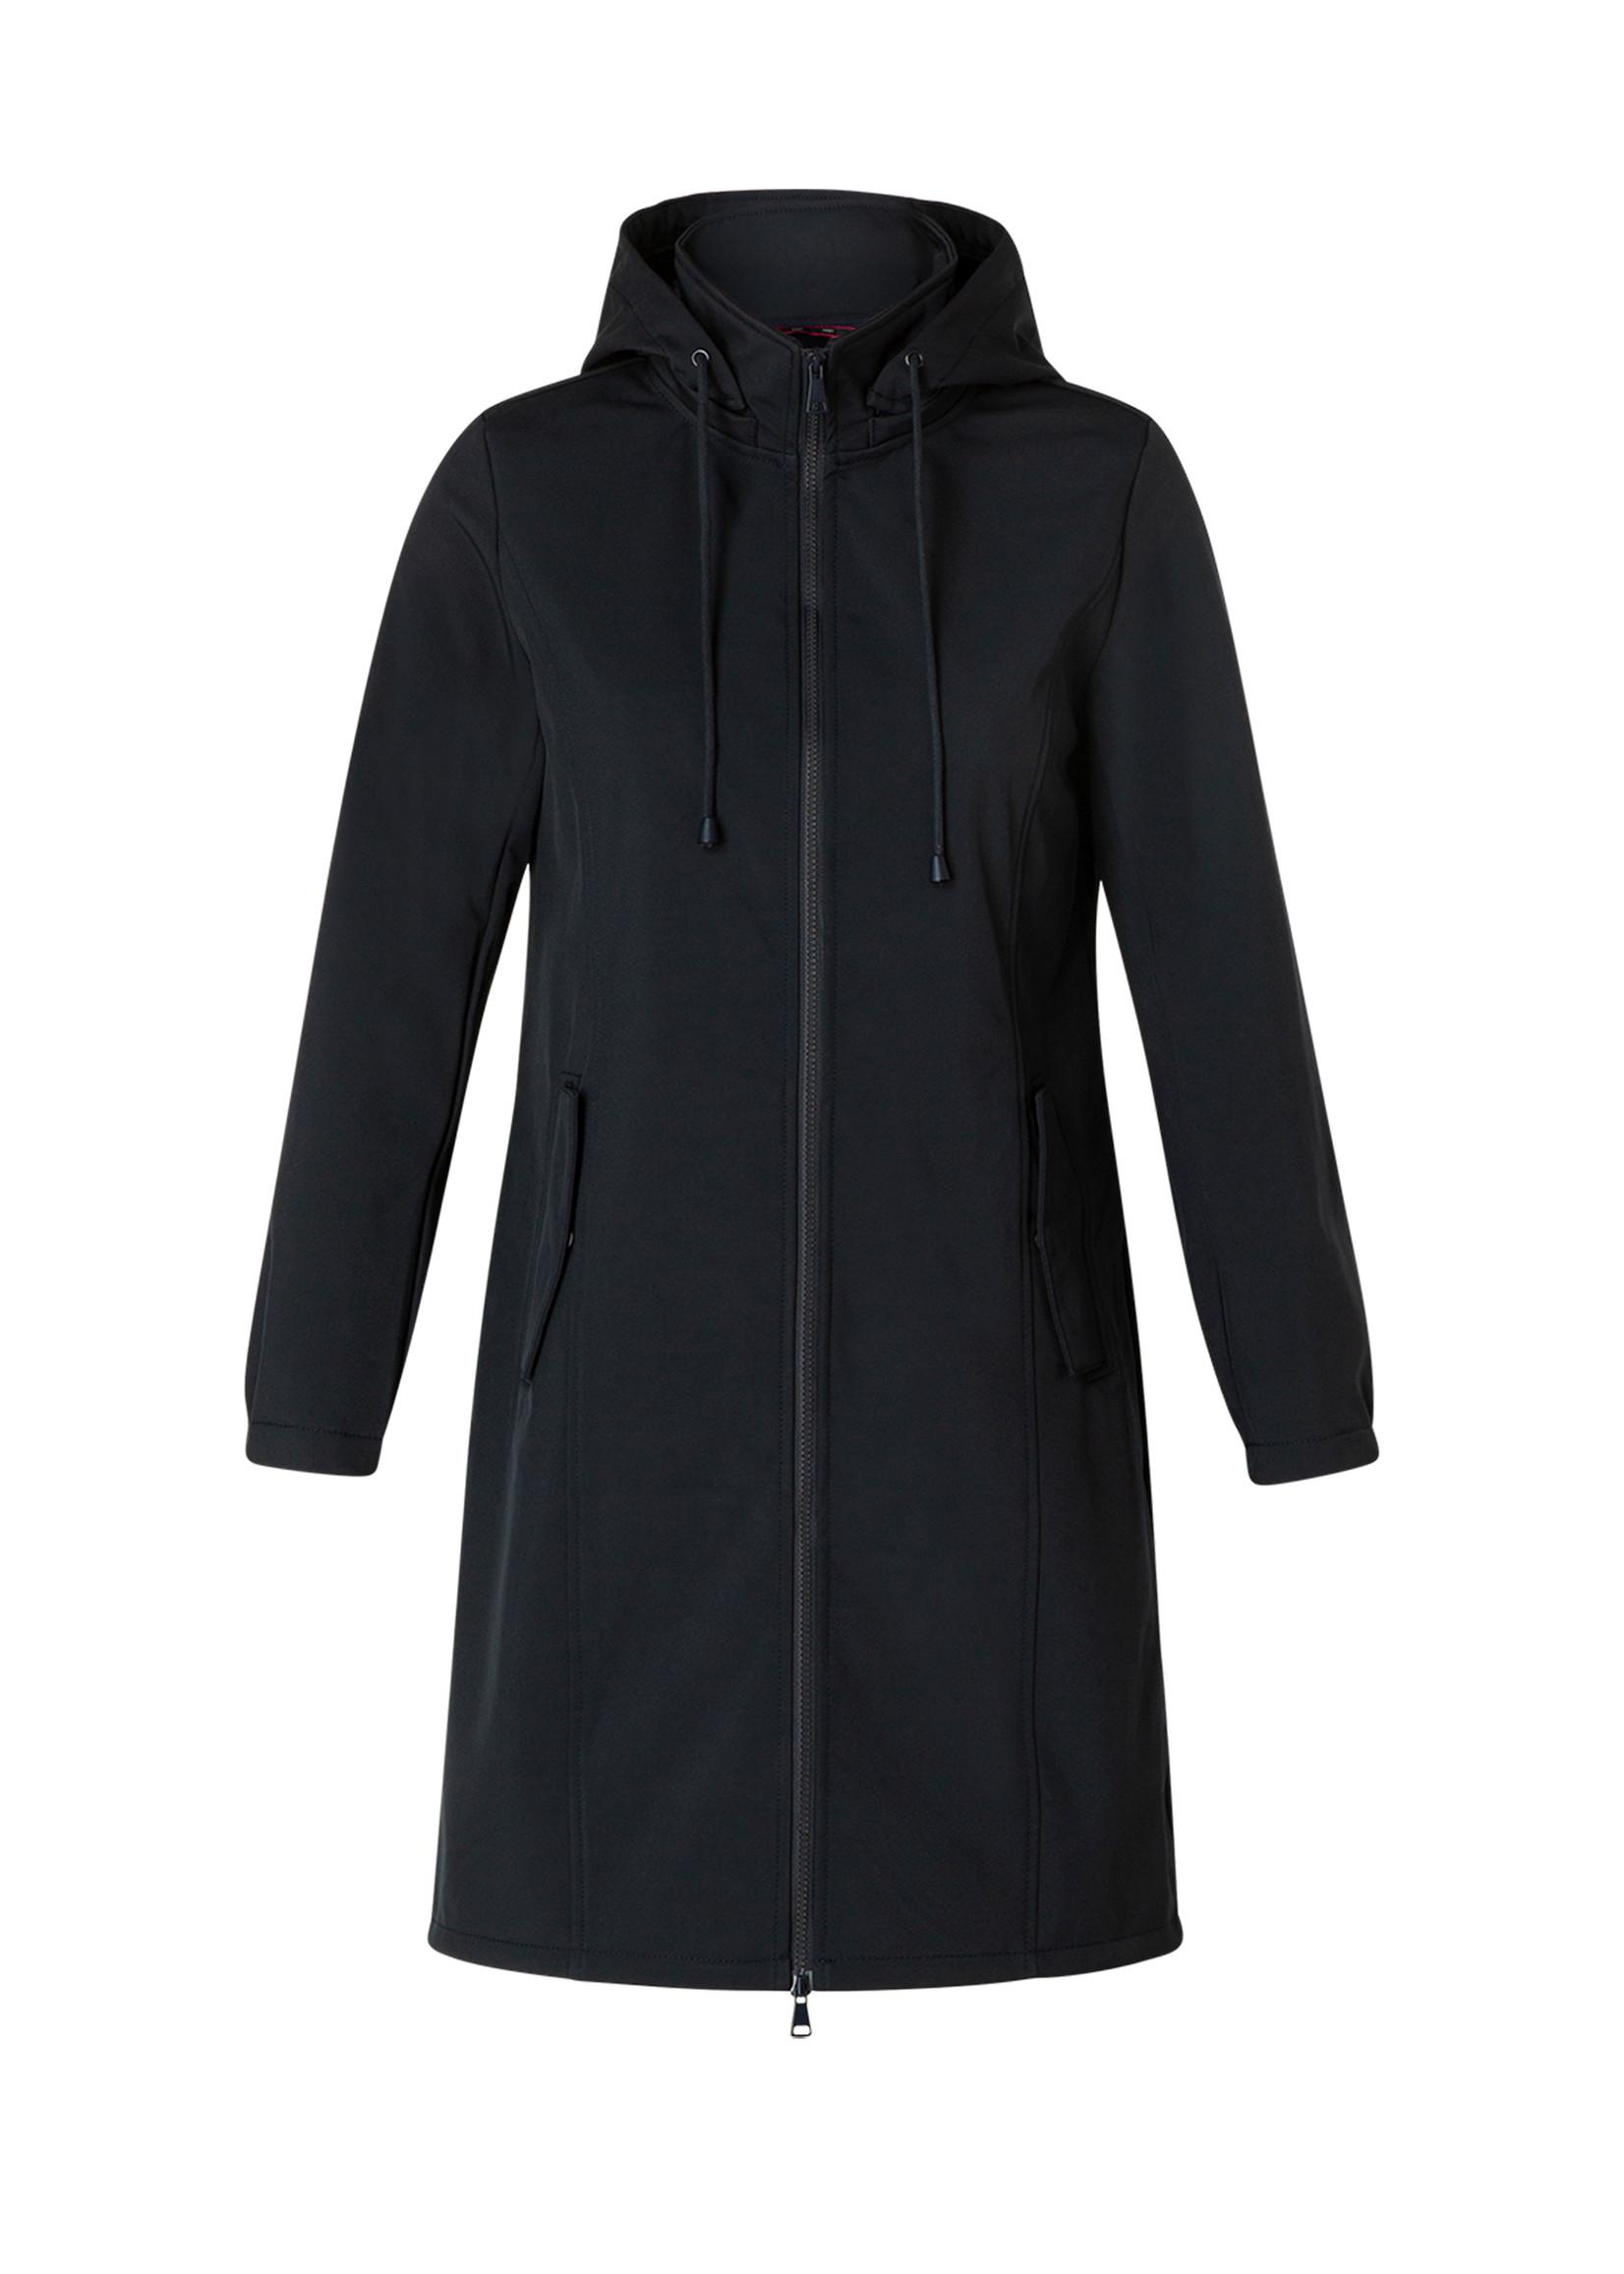 Yesta Yesta Softshell Jacket